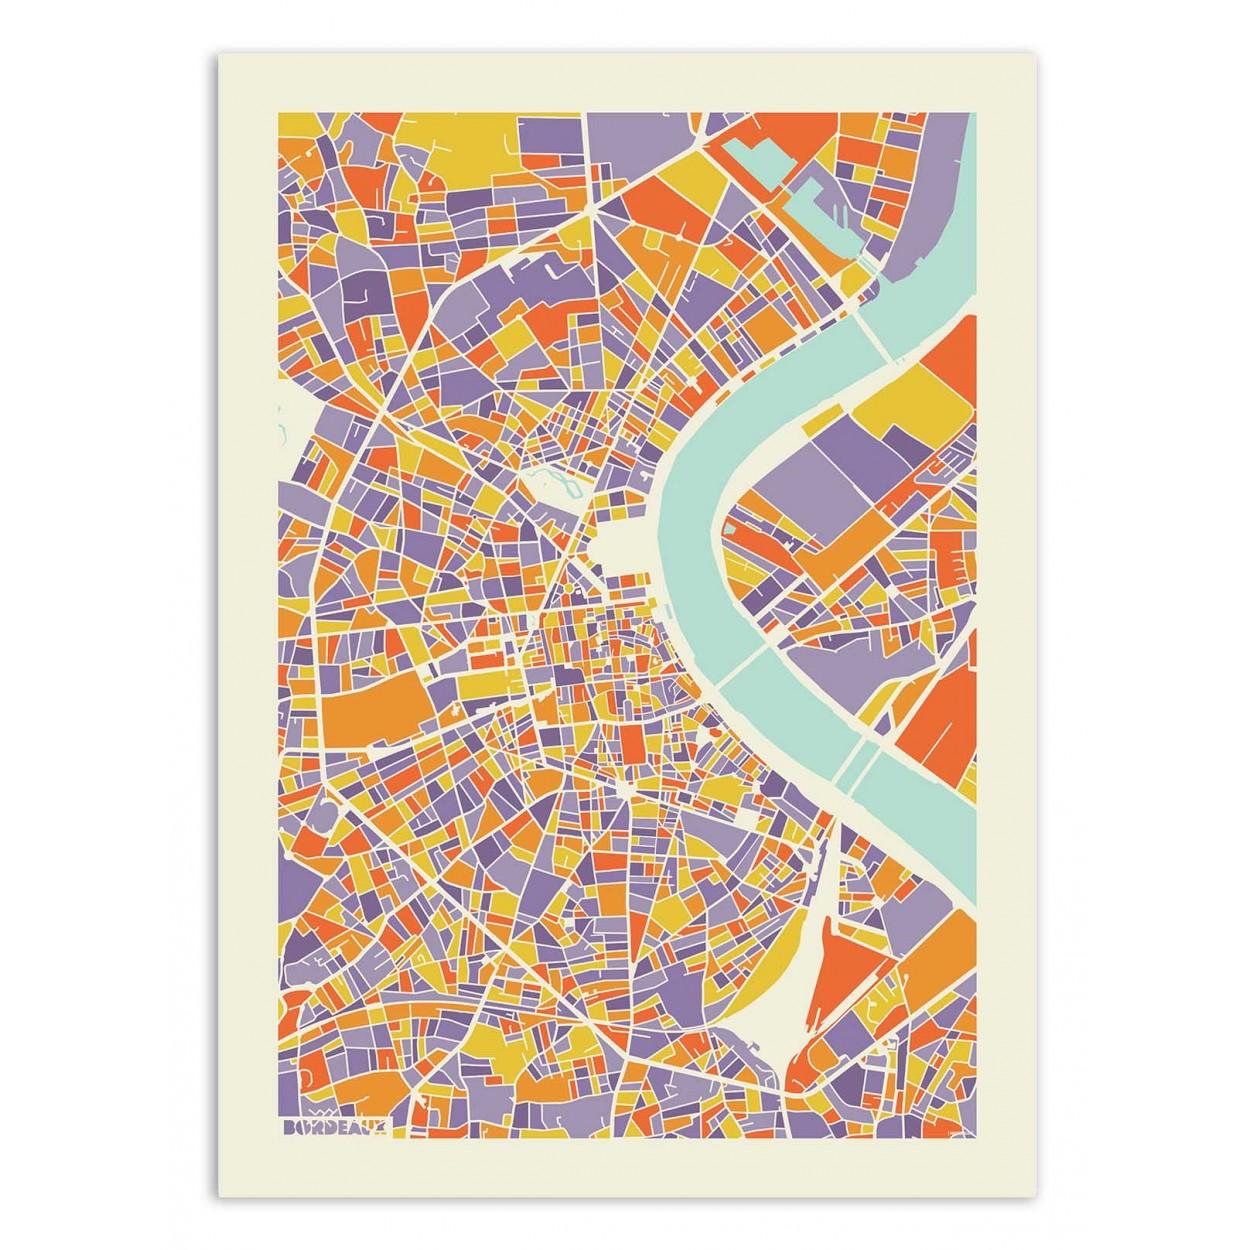 BORDEAUX RAINBOW MAP - Affiche d'art 50 x 70 cm - Muzungu